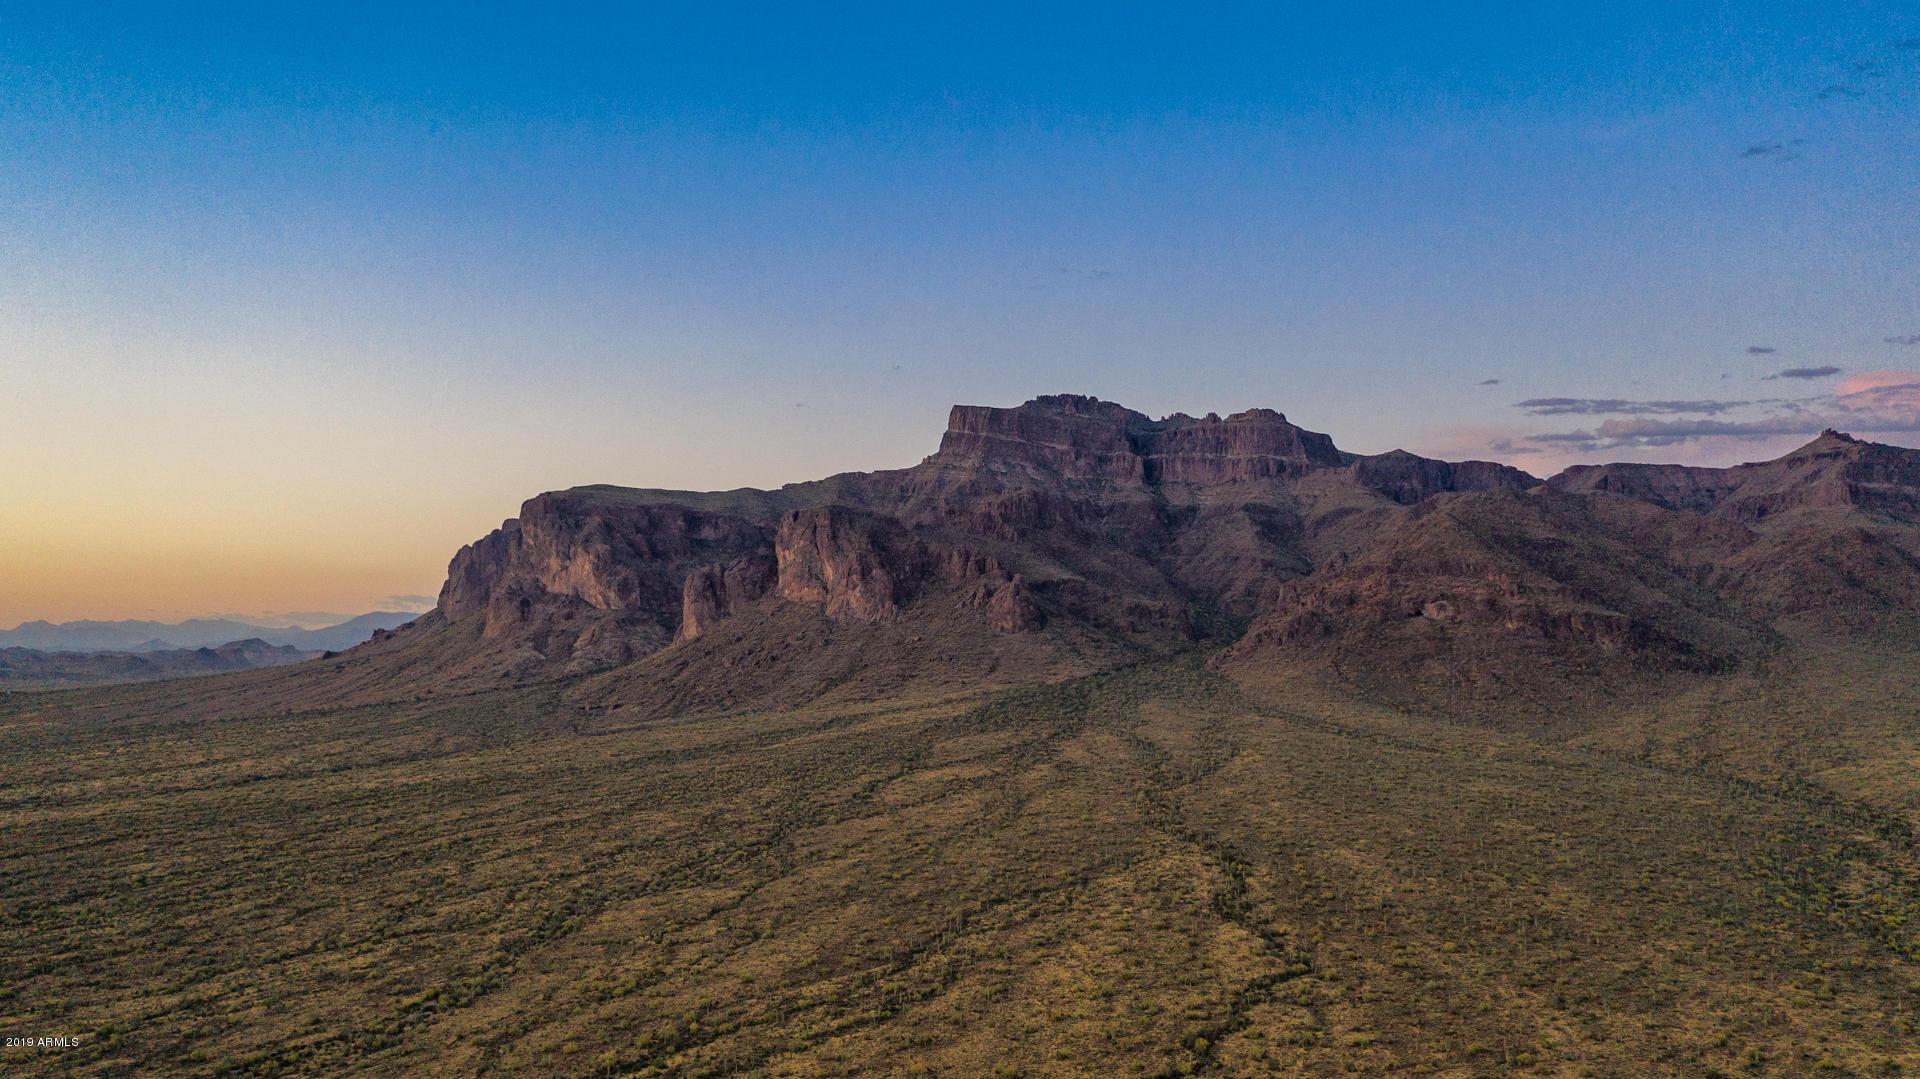 MLS 5928443 6782 E QUAIL HIDEAWAY Lane, Apache Junction, AZ 85119 Apache Junction AZ One Plus Acre Home